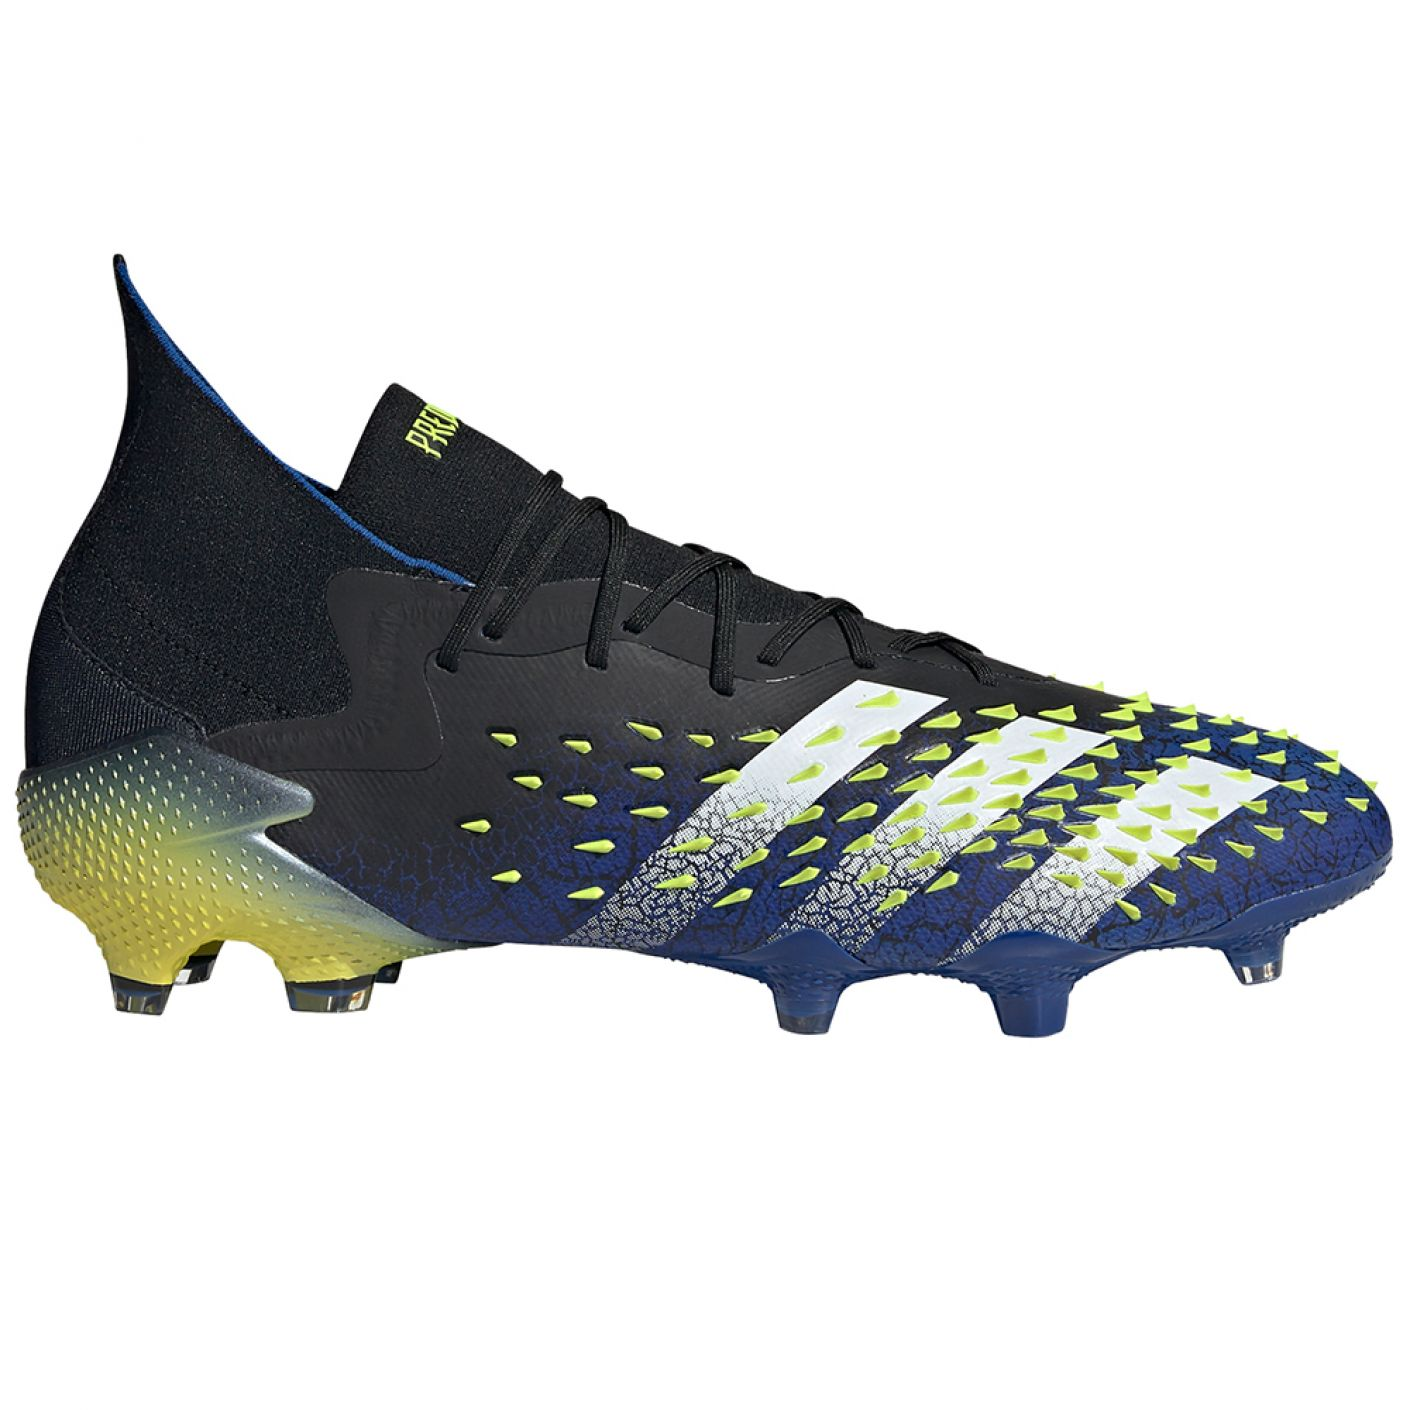 adidas Predator Freak.1 Gras Voetbalschoenen (FG) Zwart Wit Geel